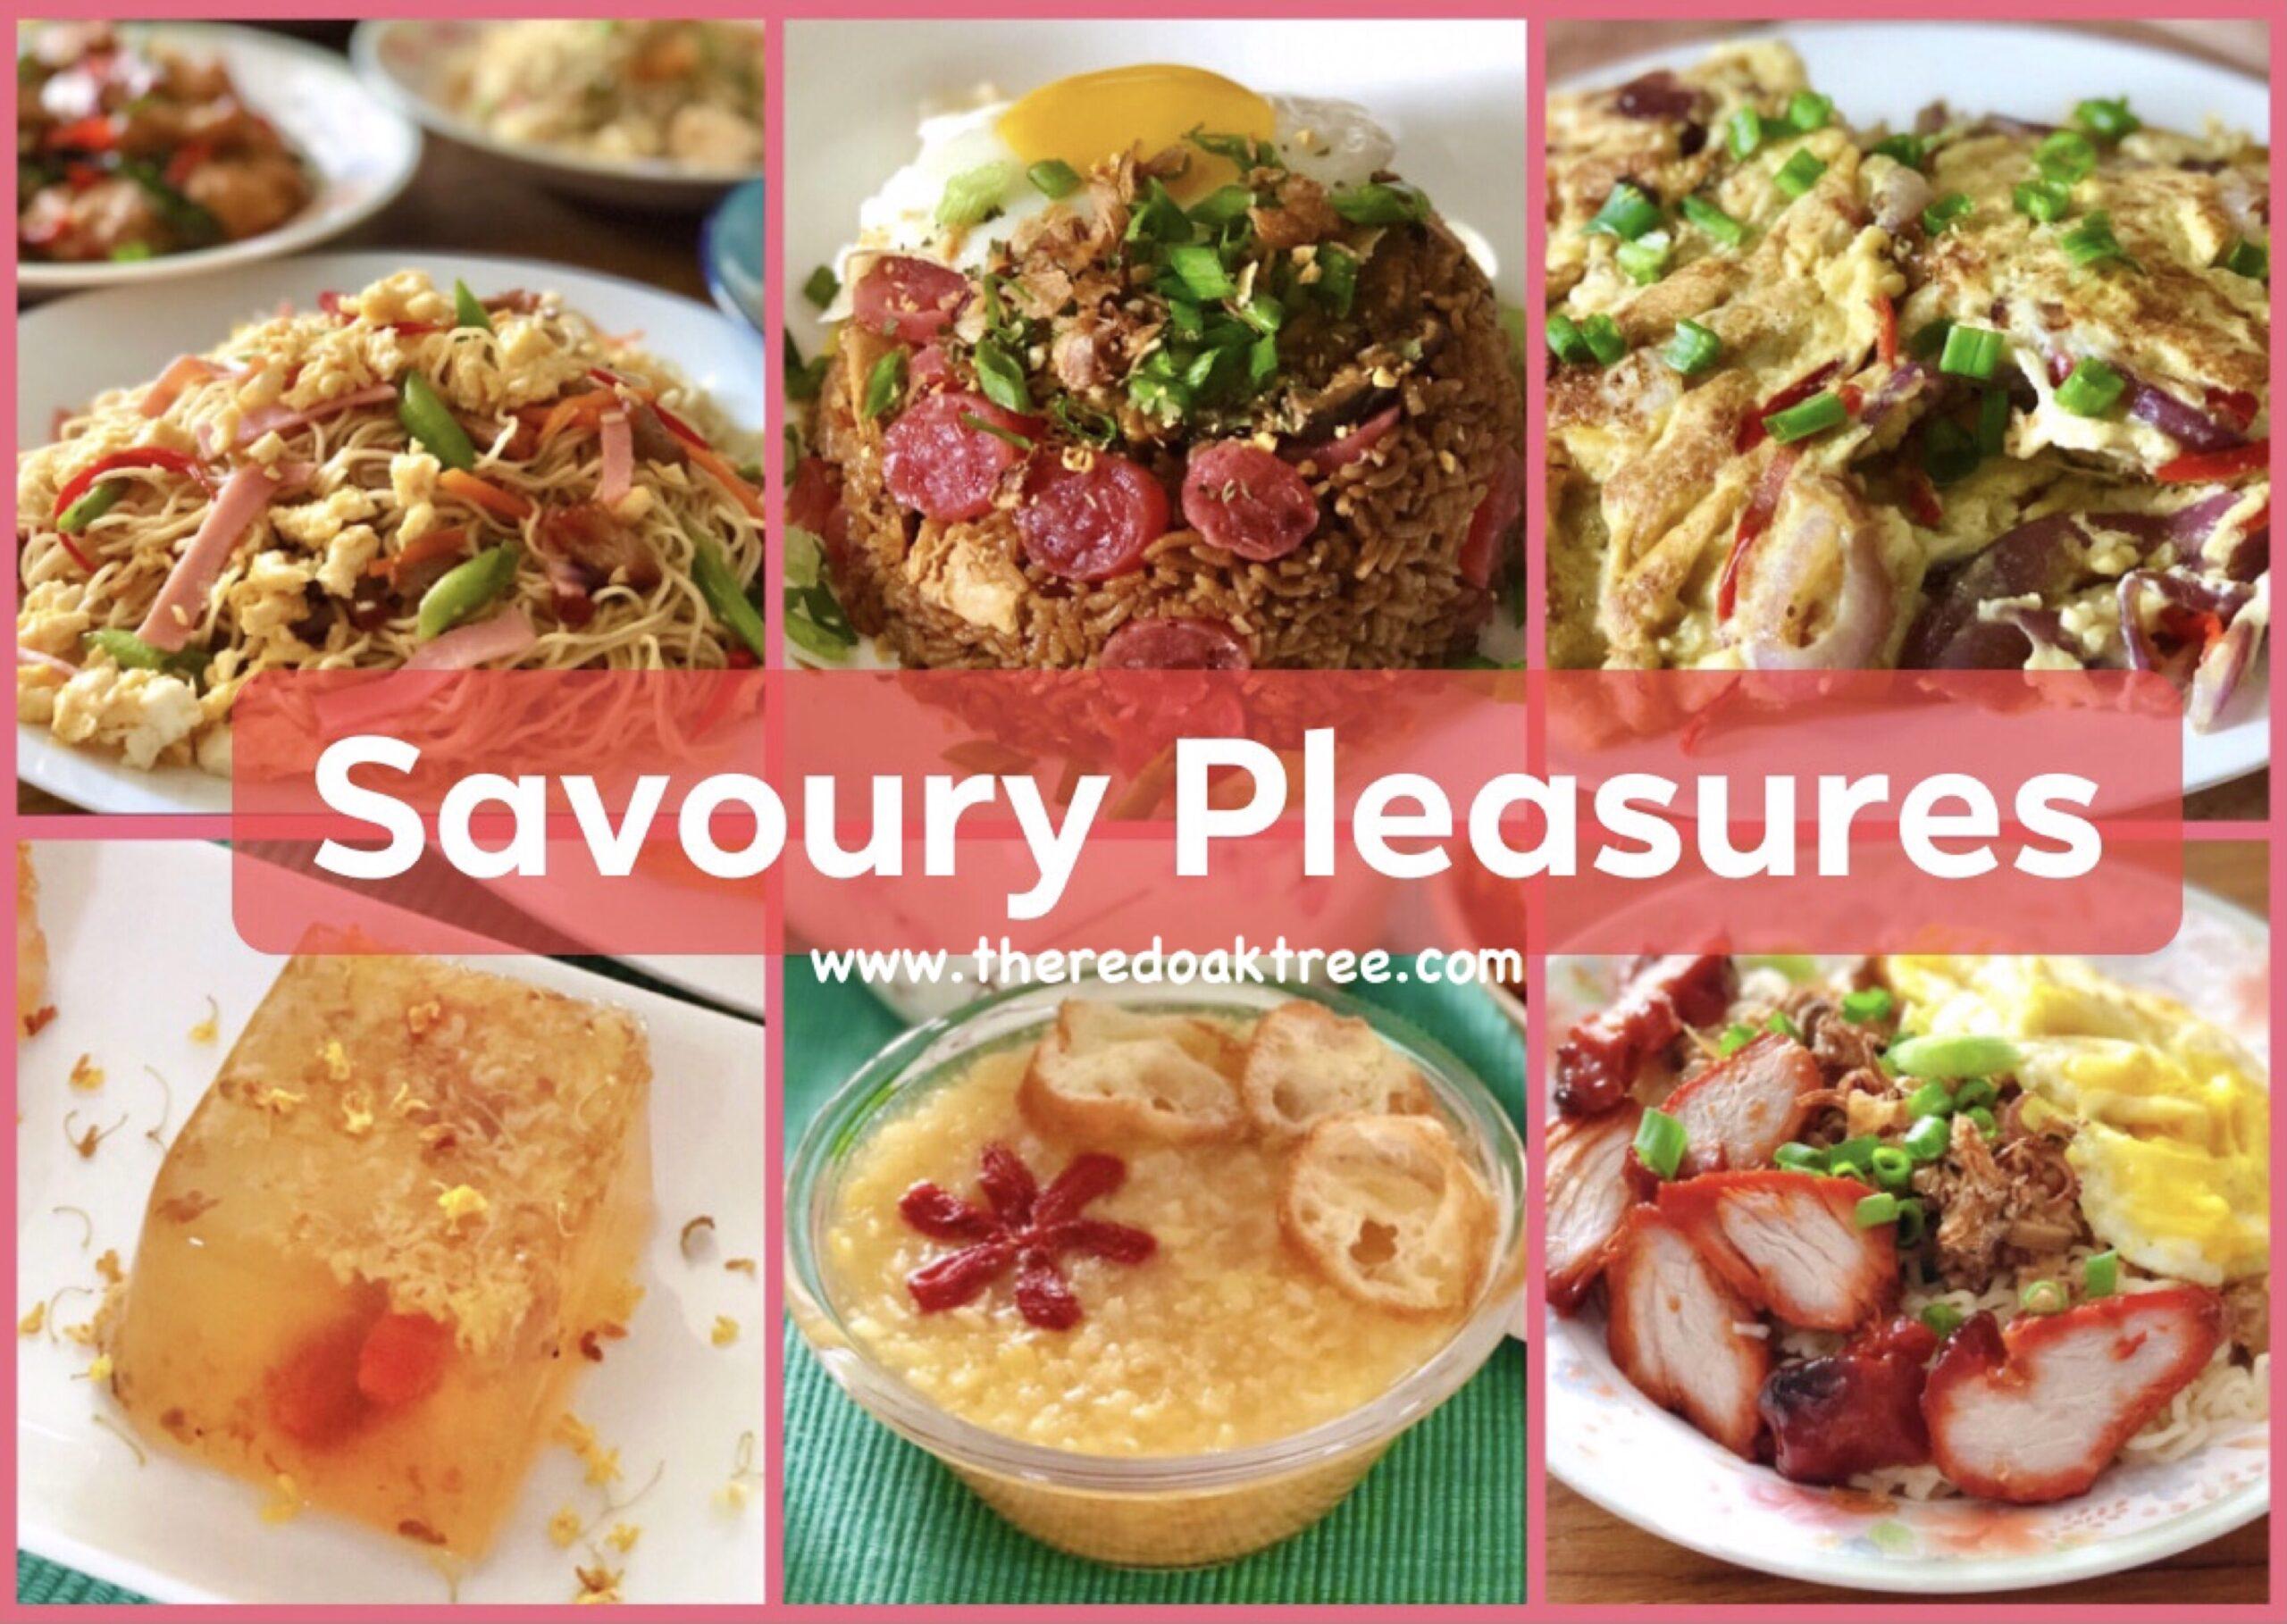 Savoury Pleasures